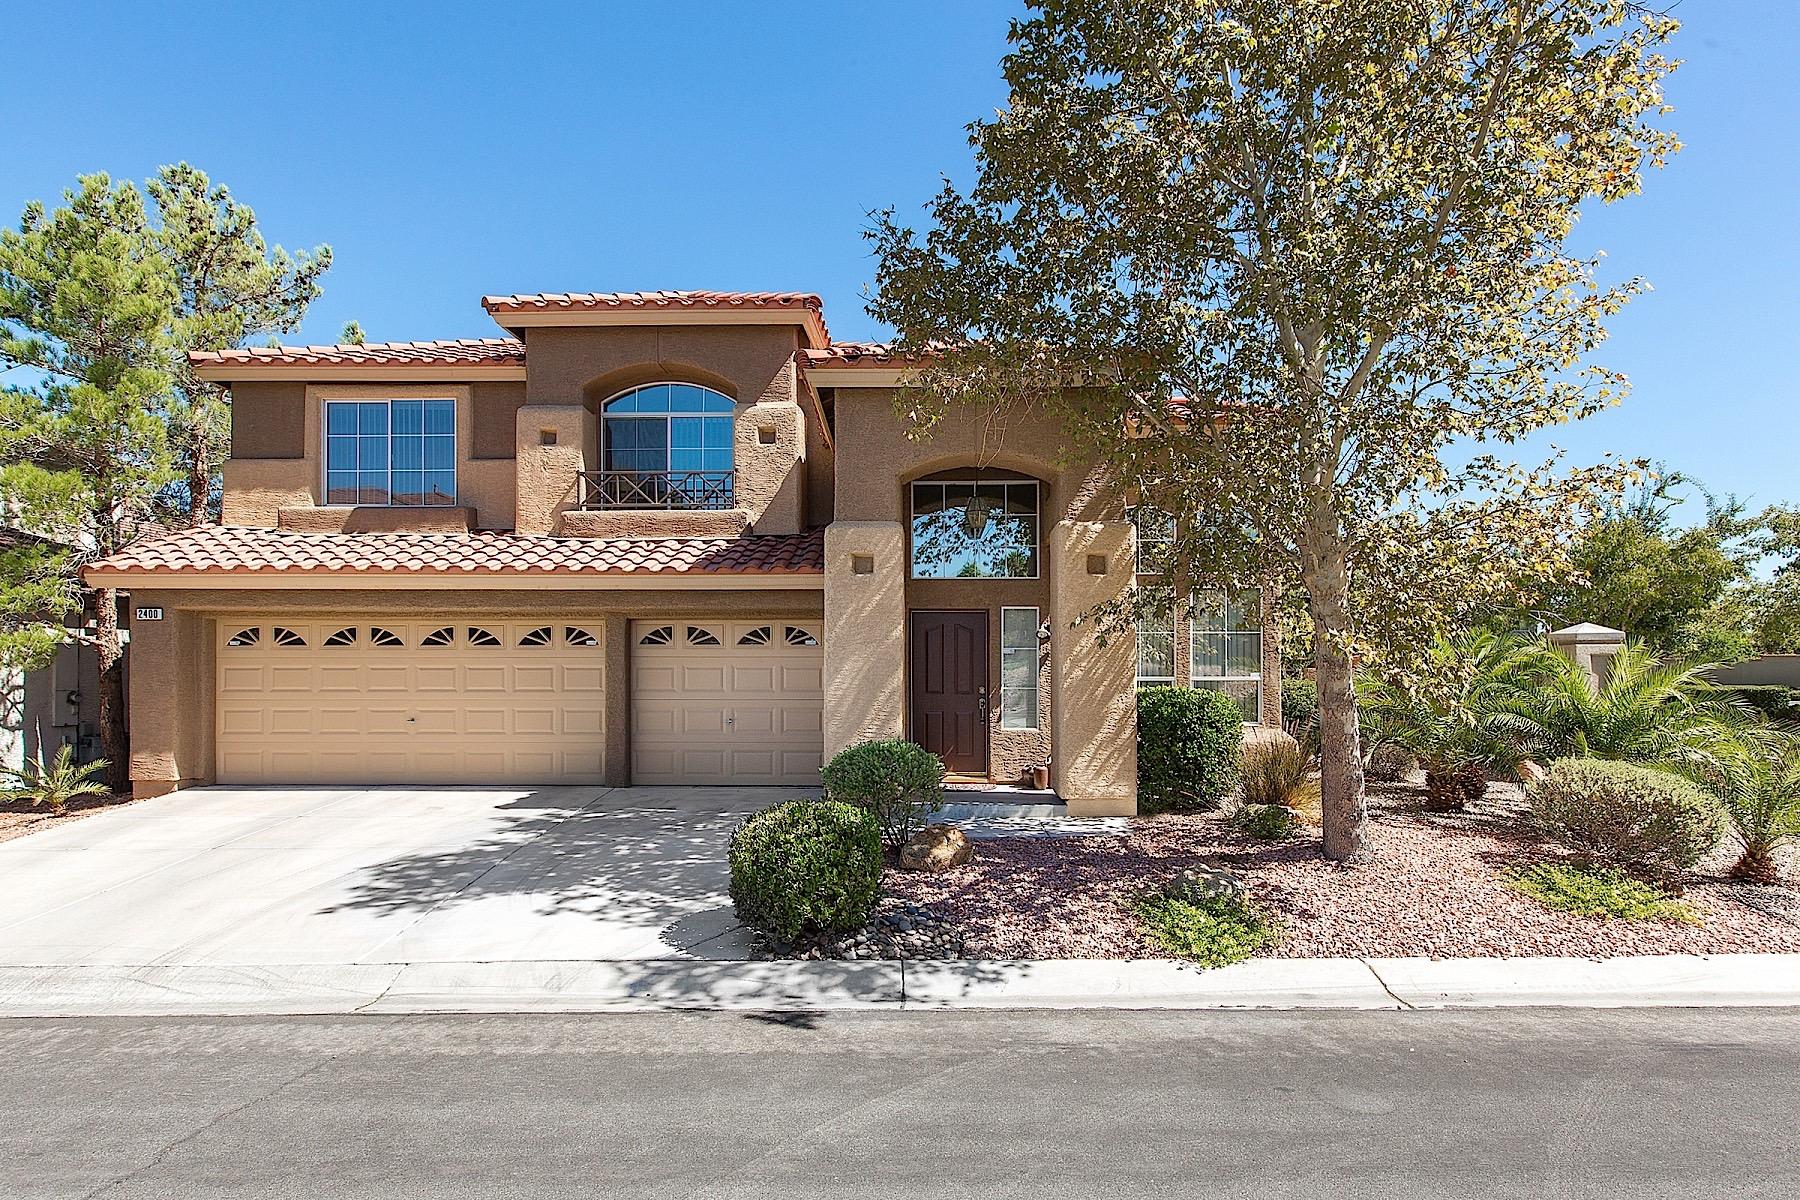 단독 가정 주택 용 매매 에 2400 Sunrise Meadows Dr Las Vegas, 네바다 89134 미국